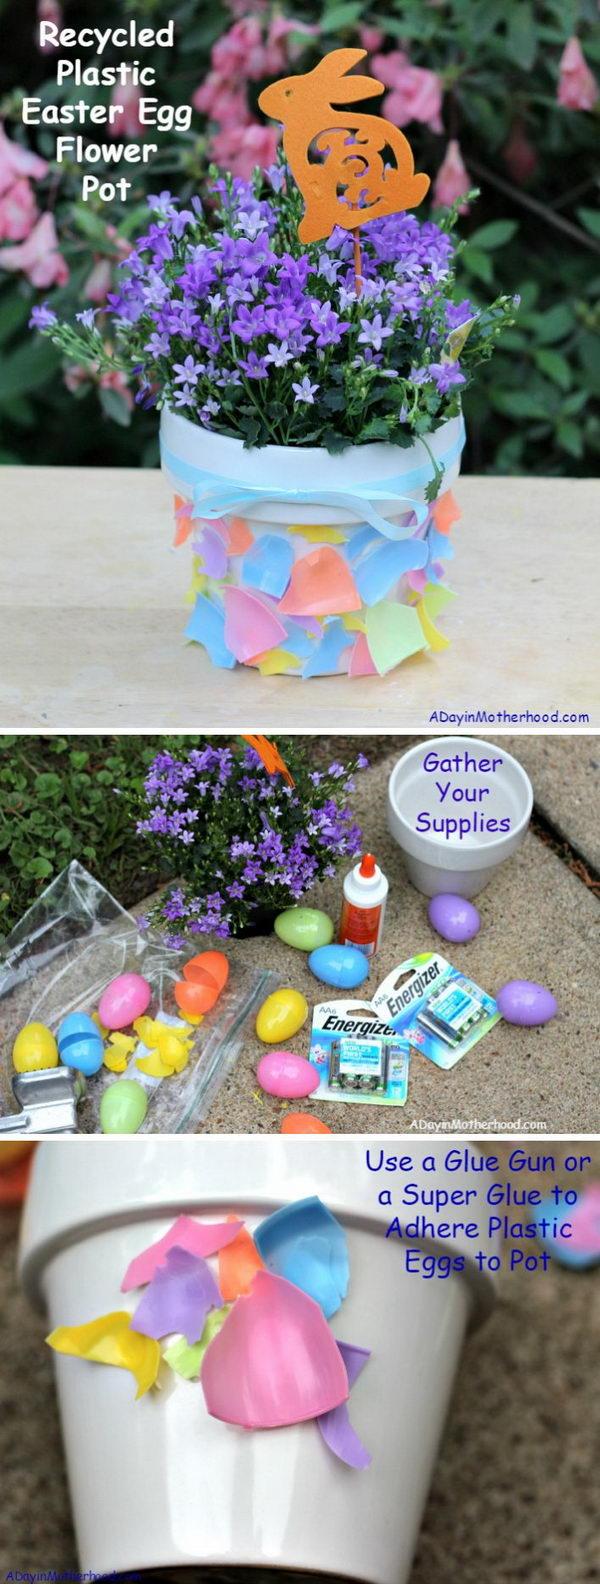 Recycled Plastic Easter Egg Flower Pot.